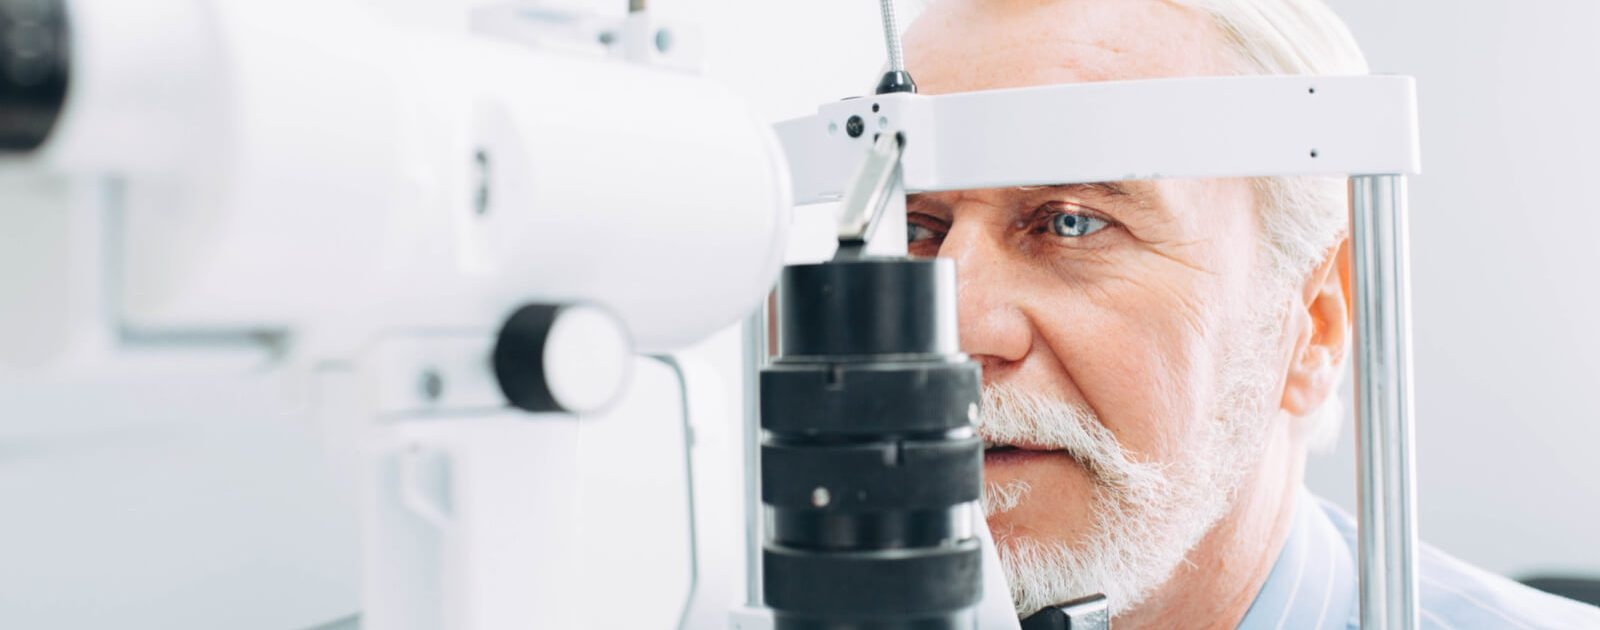 Augeninfarkt: Mann wird augenärztlich untersucht.